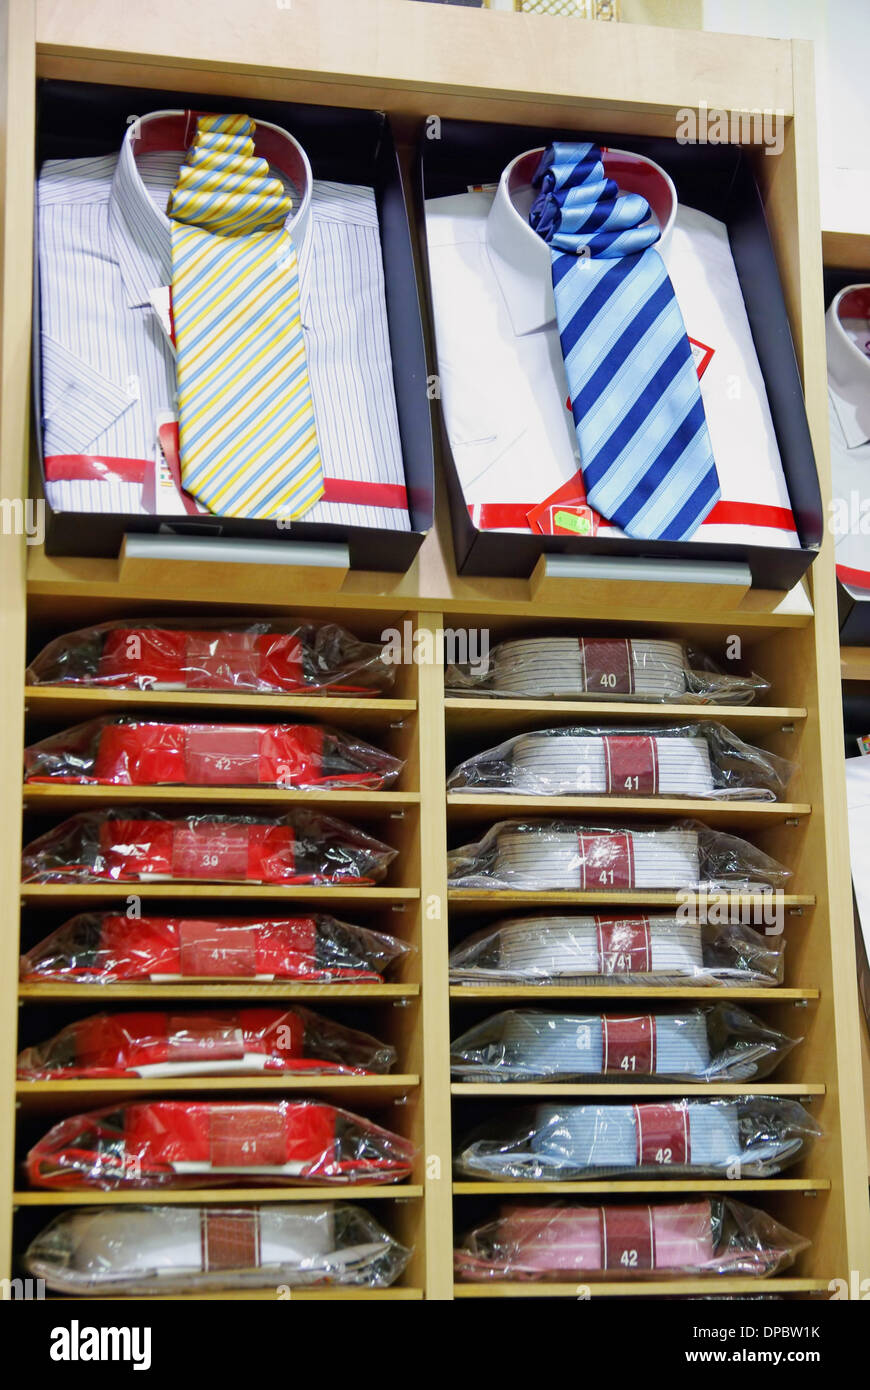 Hemden mit Krawatte in einem Bekleidungsgeschäft. Stockbild